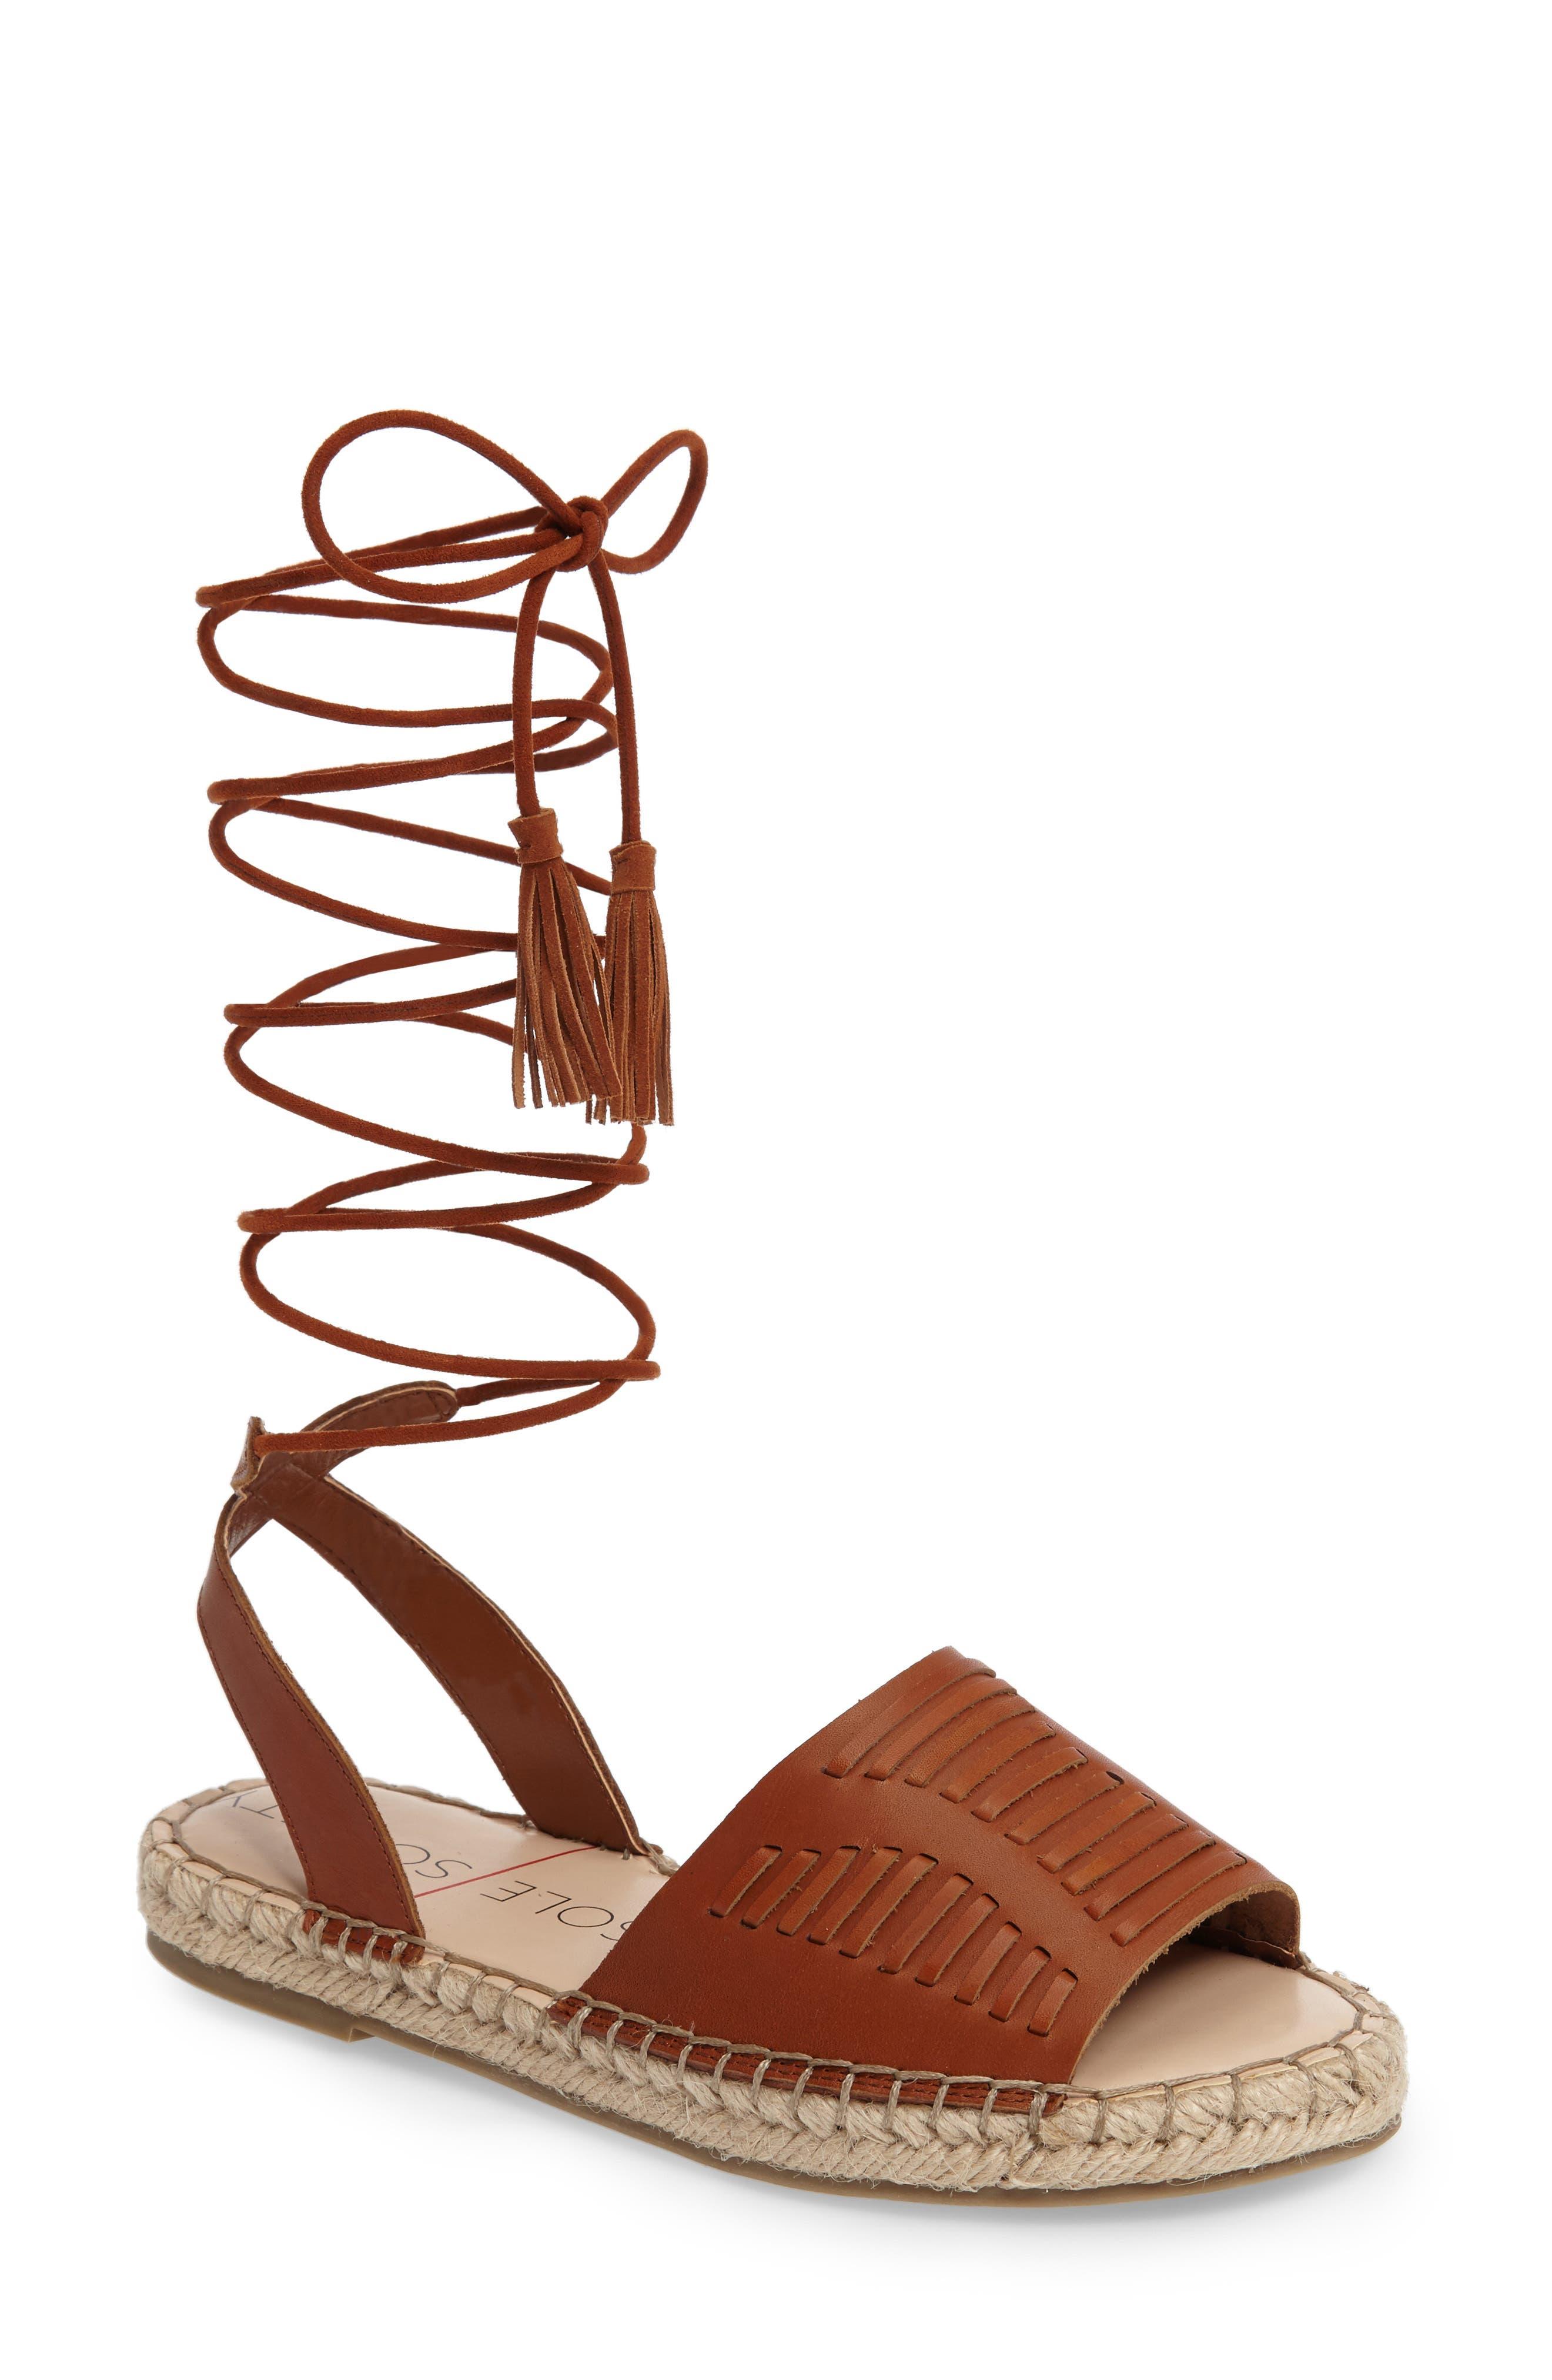 Clover Ankle Wrap Espadrille Sandal,                             Main thumbnail 1, color,                             Cognac Leather